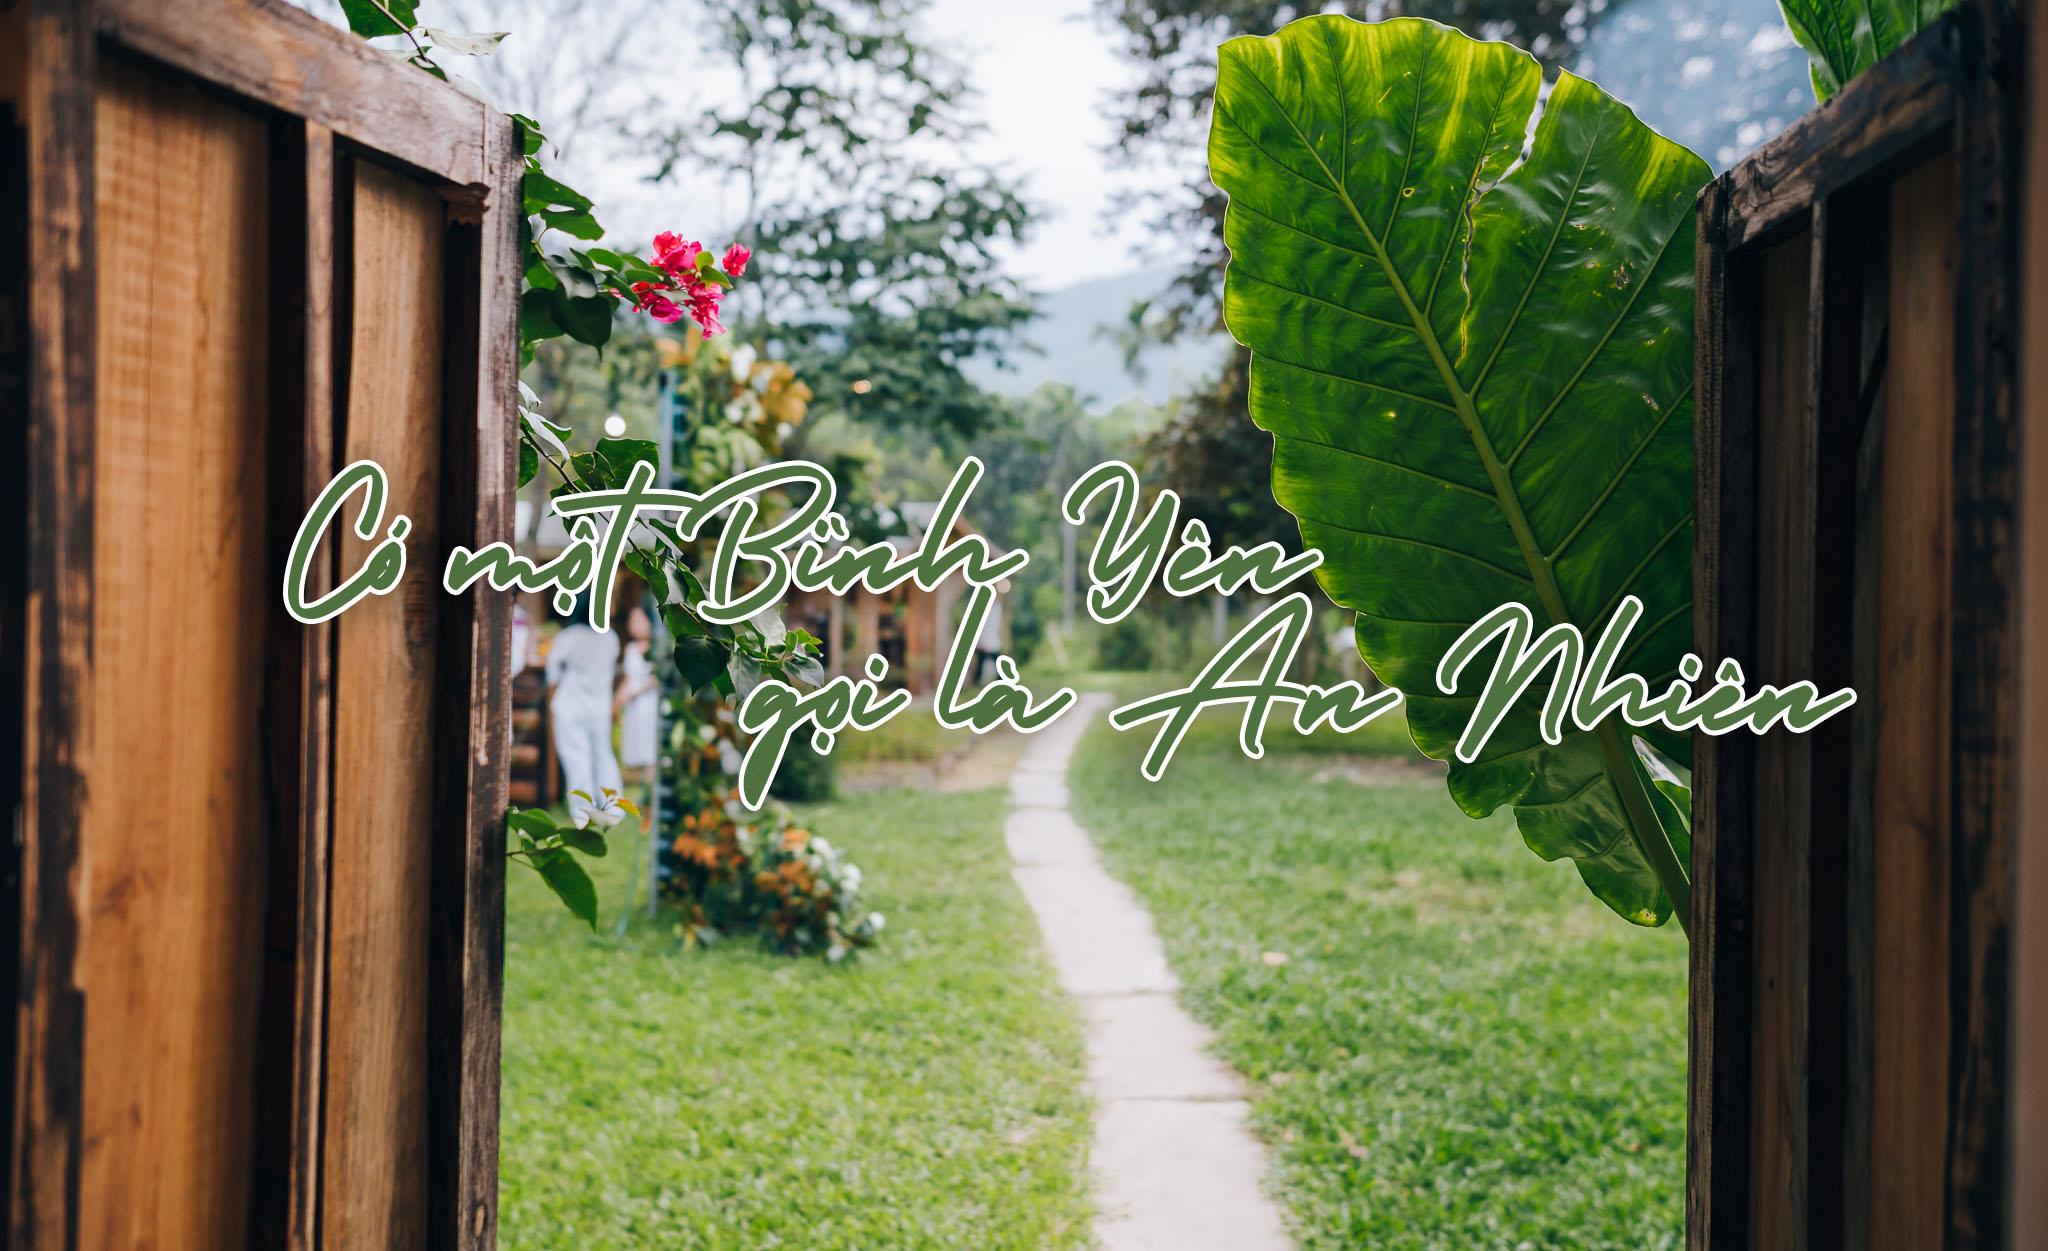 Co Mot Binh Yen Goi La An Nhien 16